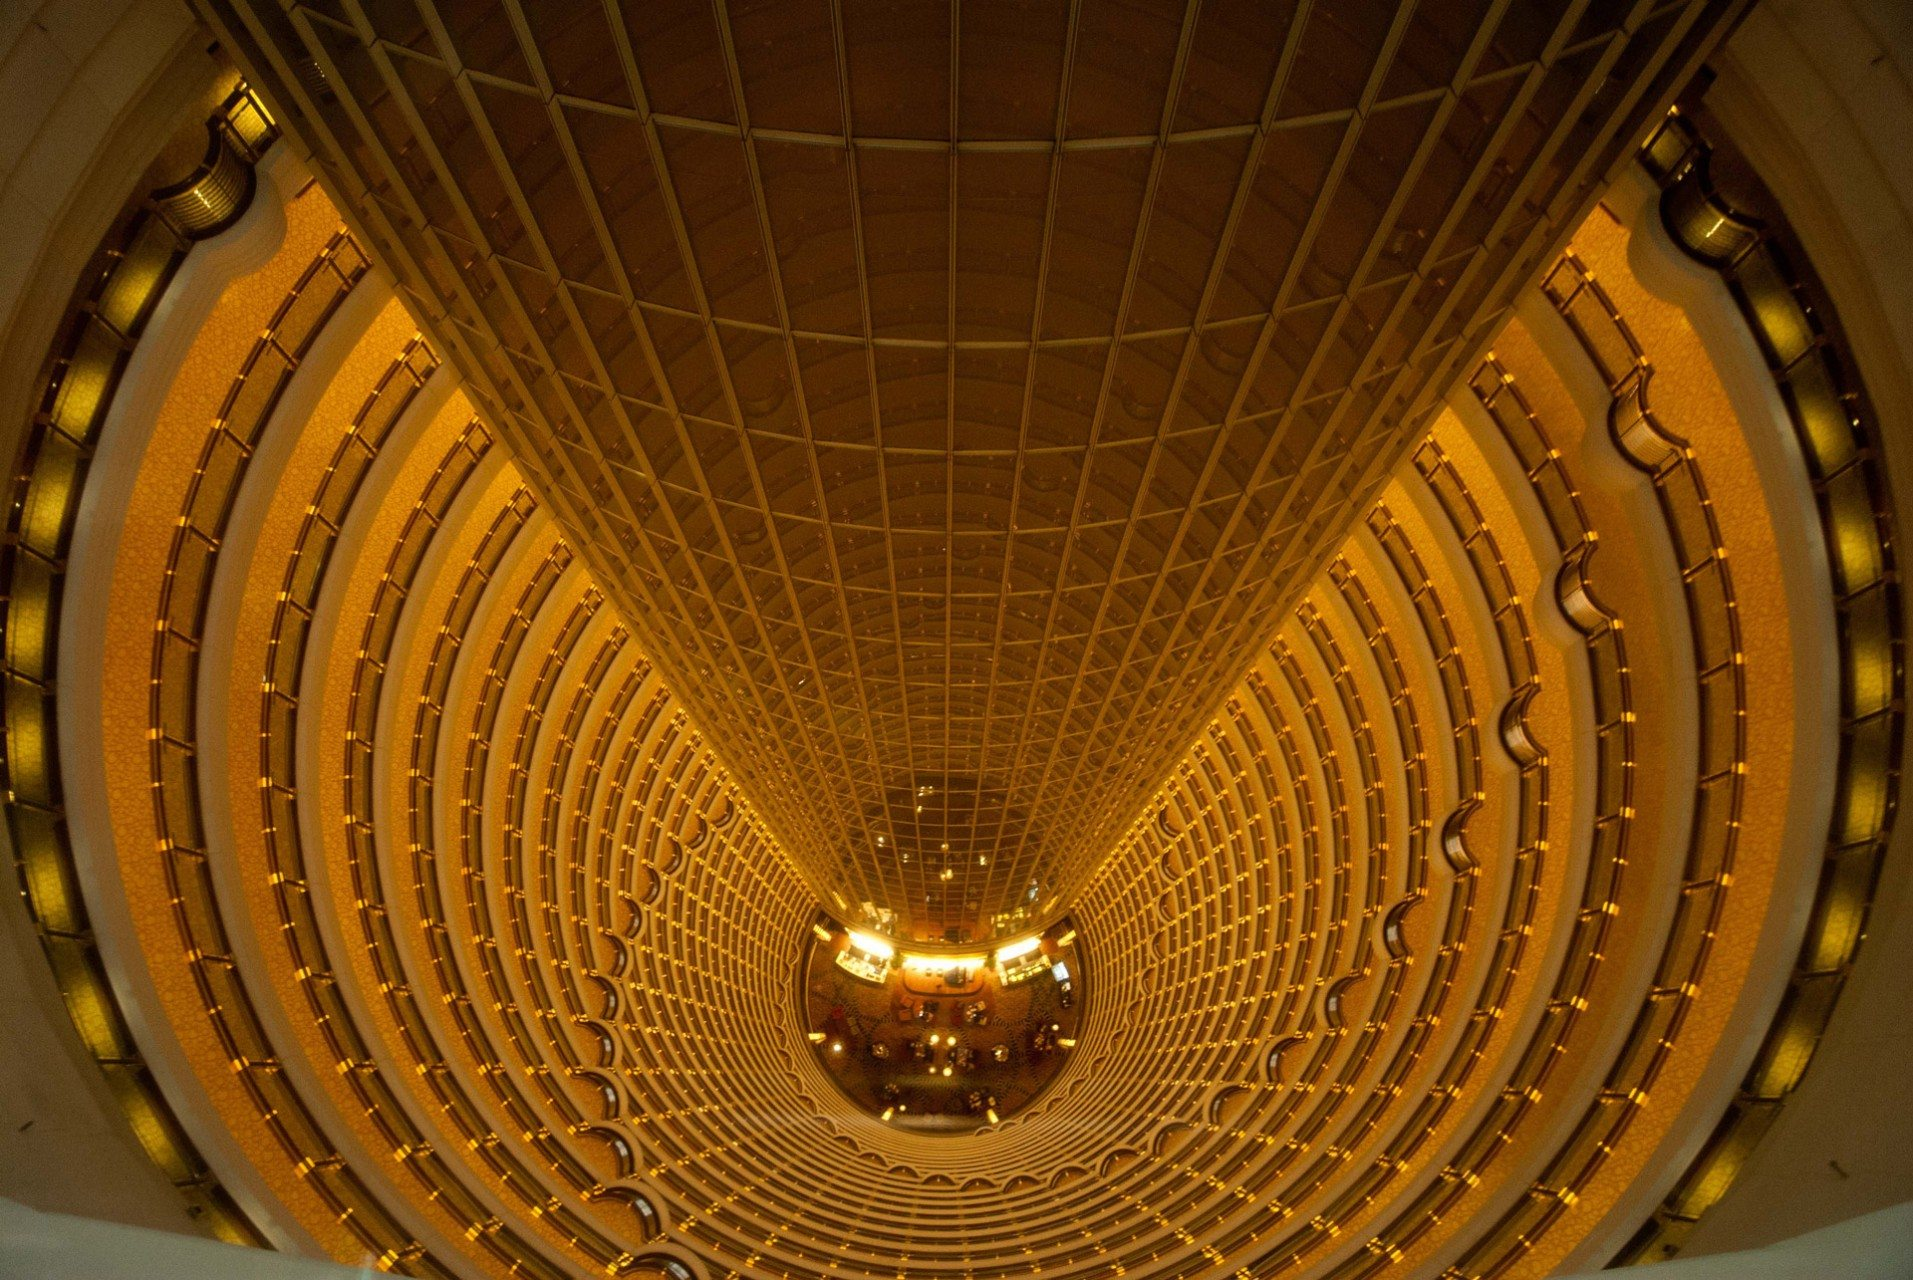 Ein fotografischer Streifzug durch Shanghais Architekturwelt